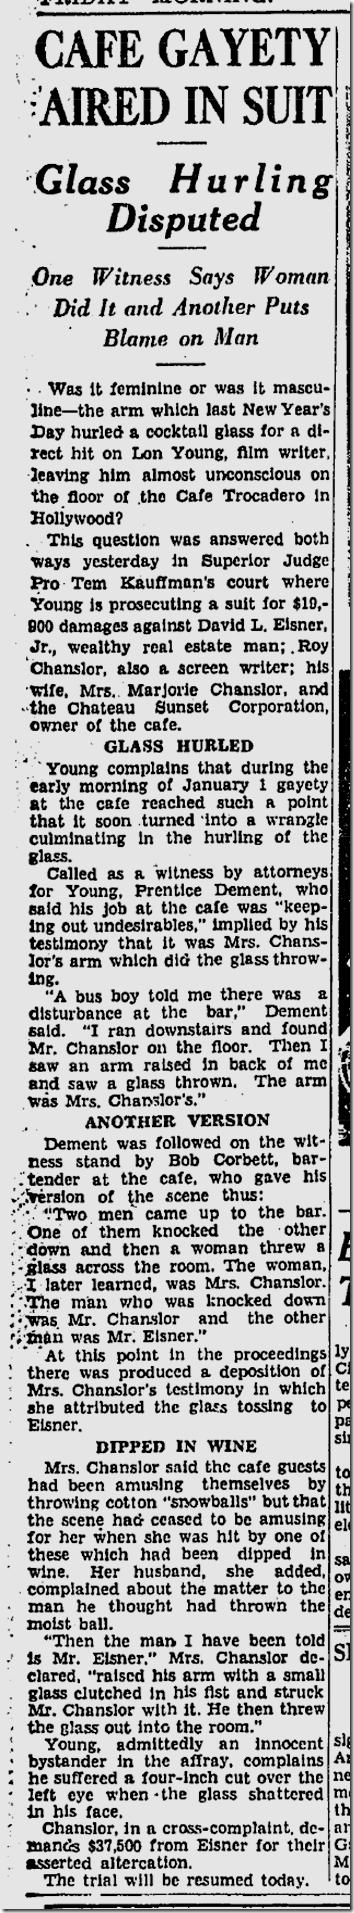 April 26, 1935, Trocadero